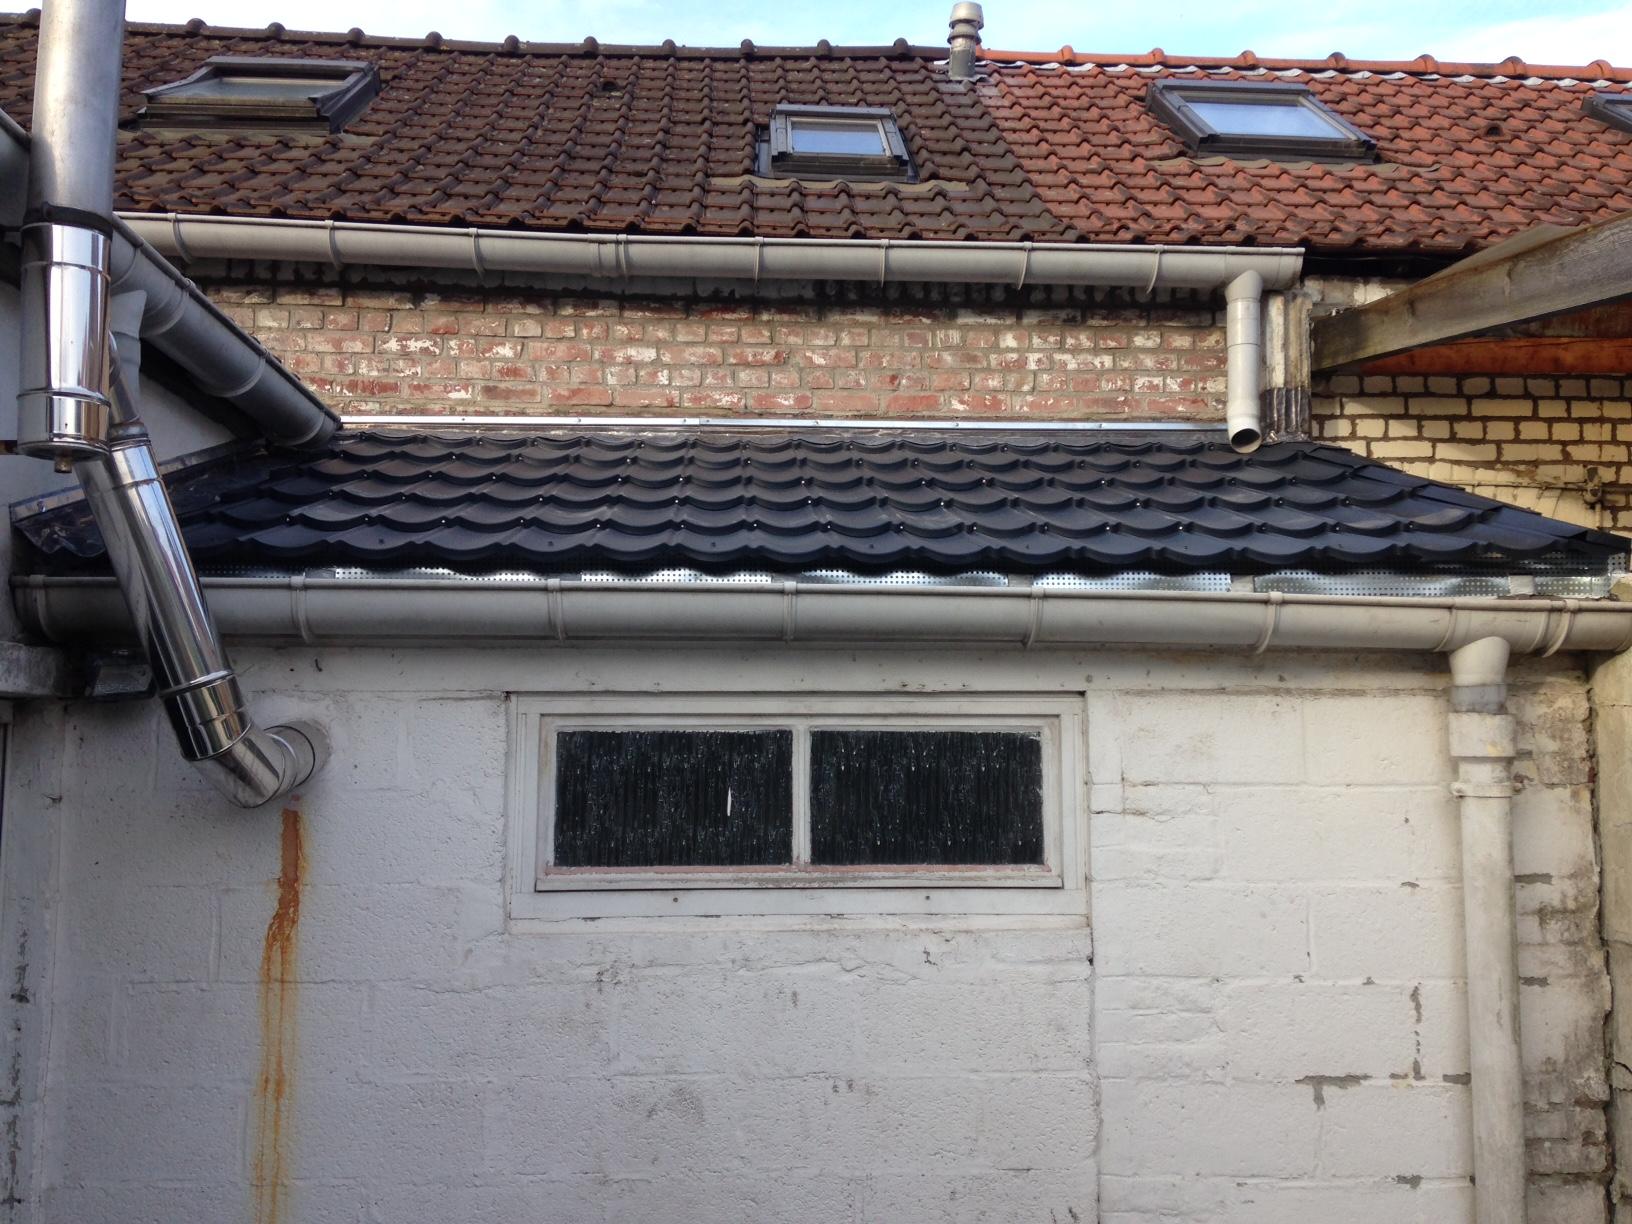 Résolu : Conseils pour finition d'une toiture (solins ...